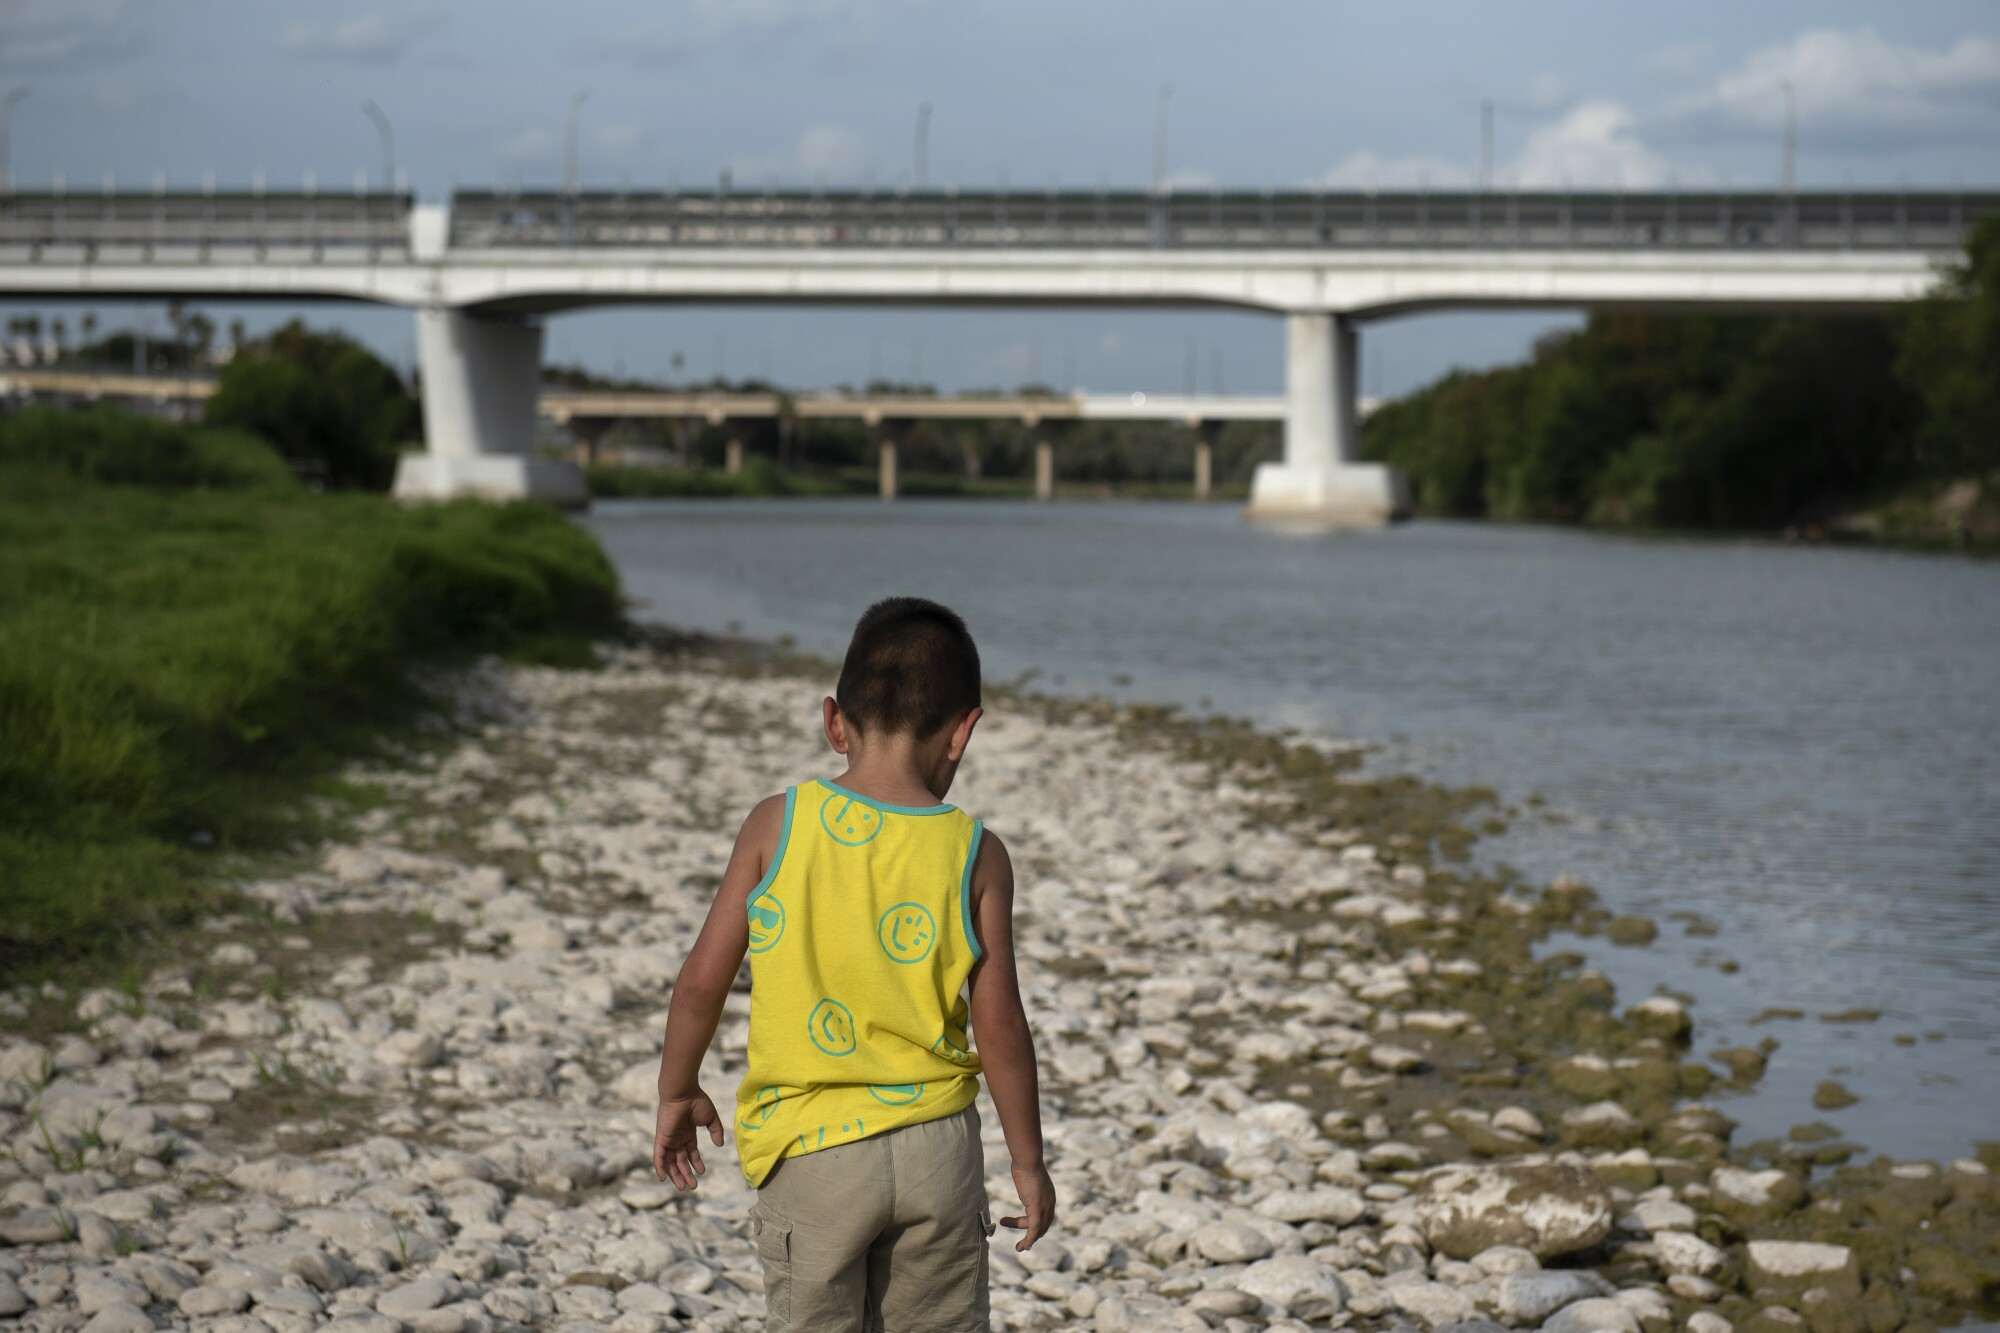 A child walks along the bank of the Rio Grande in Laredo, Texas.